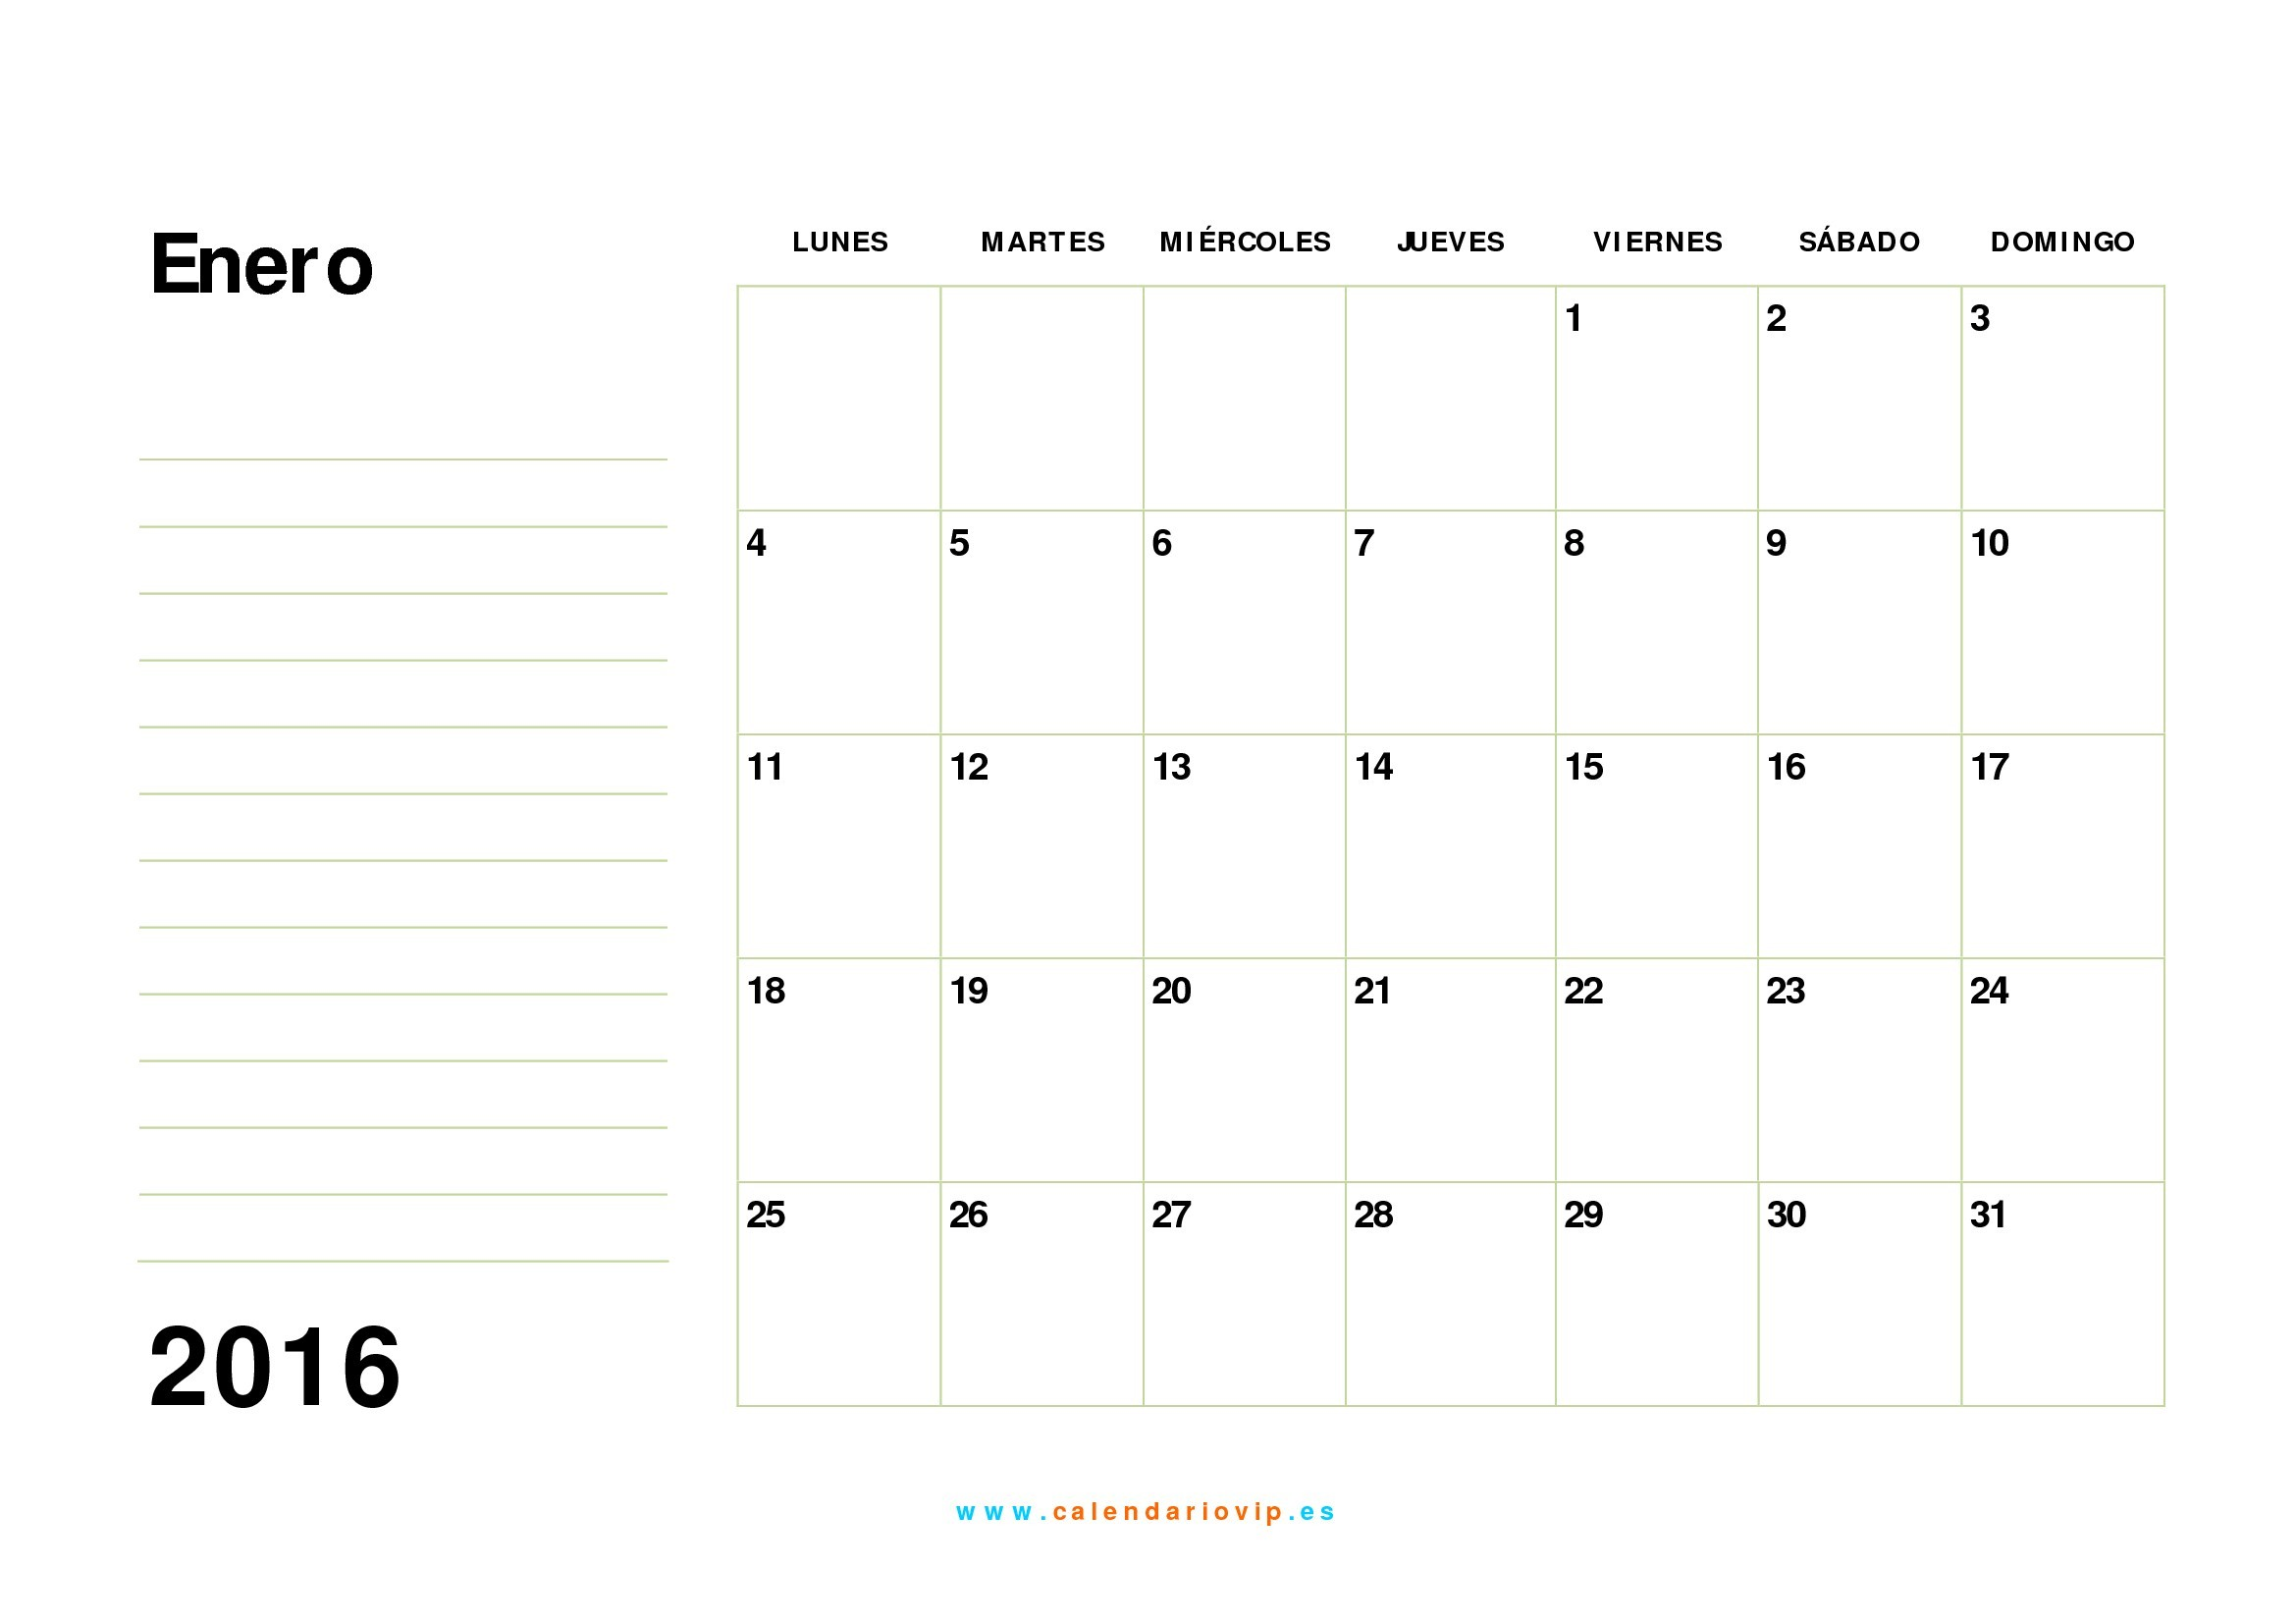 Calendario Agosto 2019 Colombia Para Imprimir Más Caliente Observar Calendario Agosto 2017 Para Imprimir Pinterest Of Calendario Agosto 2019 Colombia Para Imprimir Más Recientes Noticias Calendario Imprimir Agosto Y Septiembre 2019